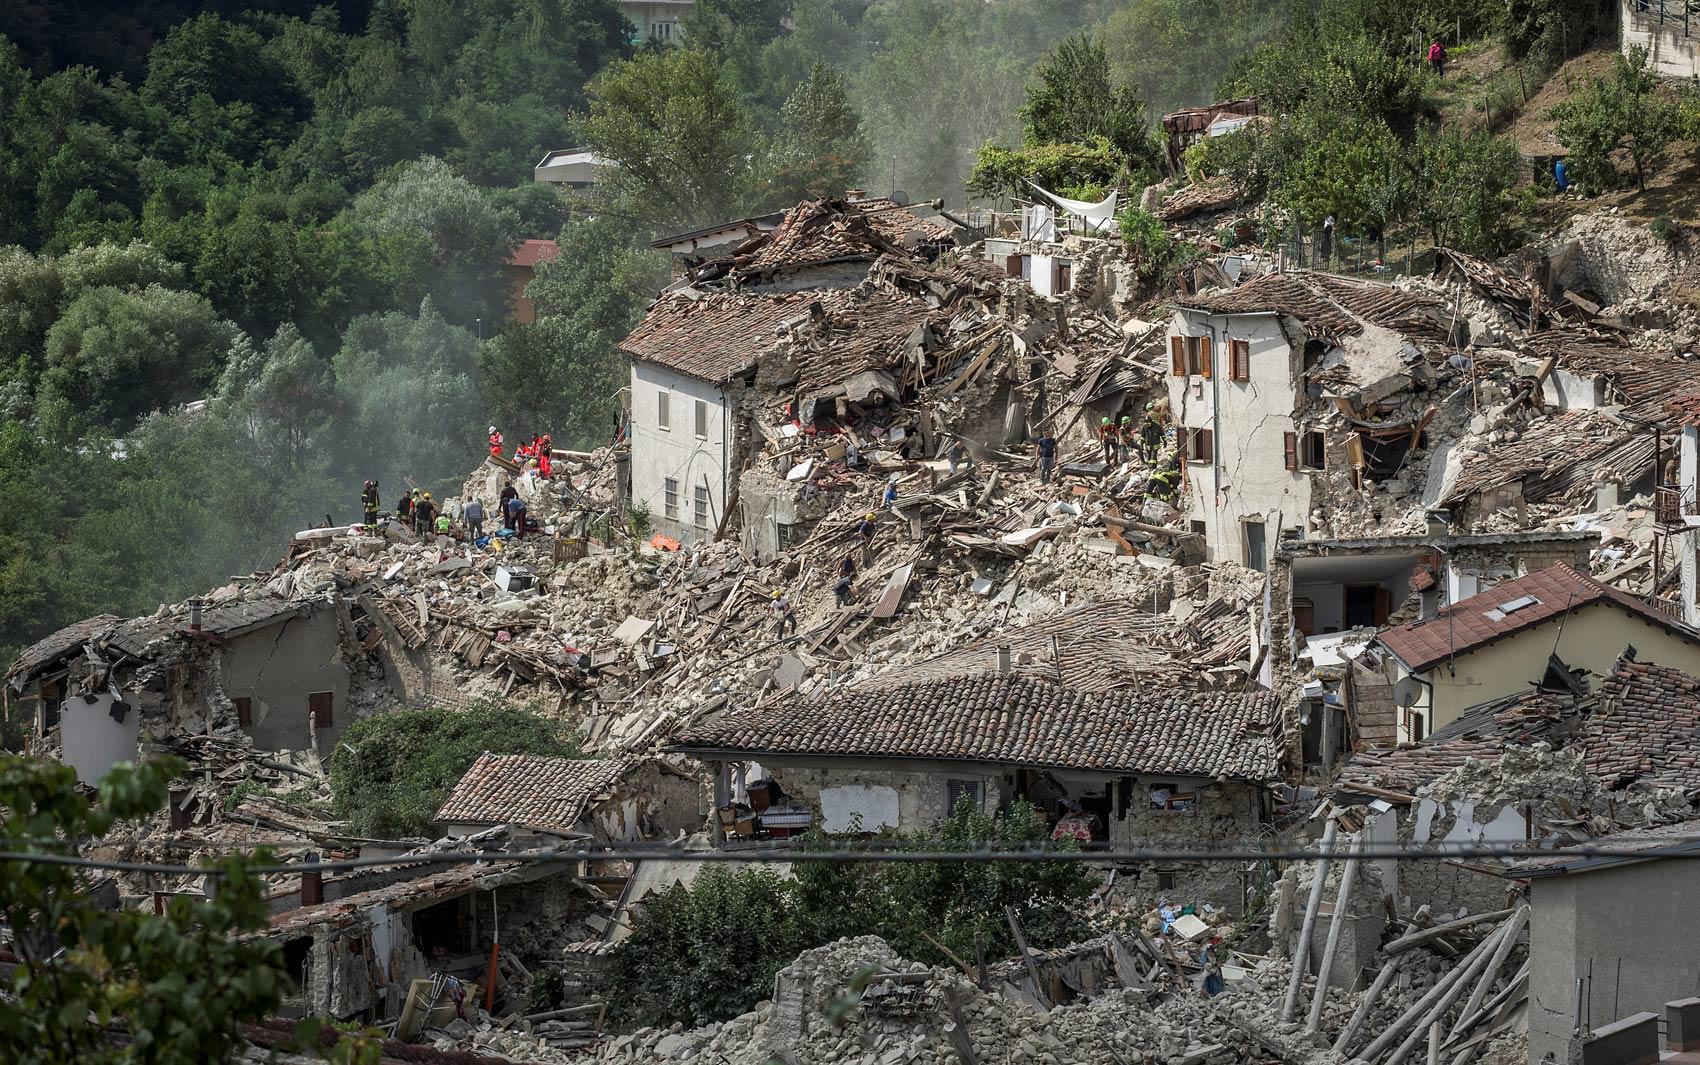 Equipe busca sobreviventes nos destroços deixados por terremoto que atingiu a cidade de Pescara del Tronto e outras da região central da Itália